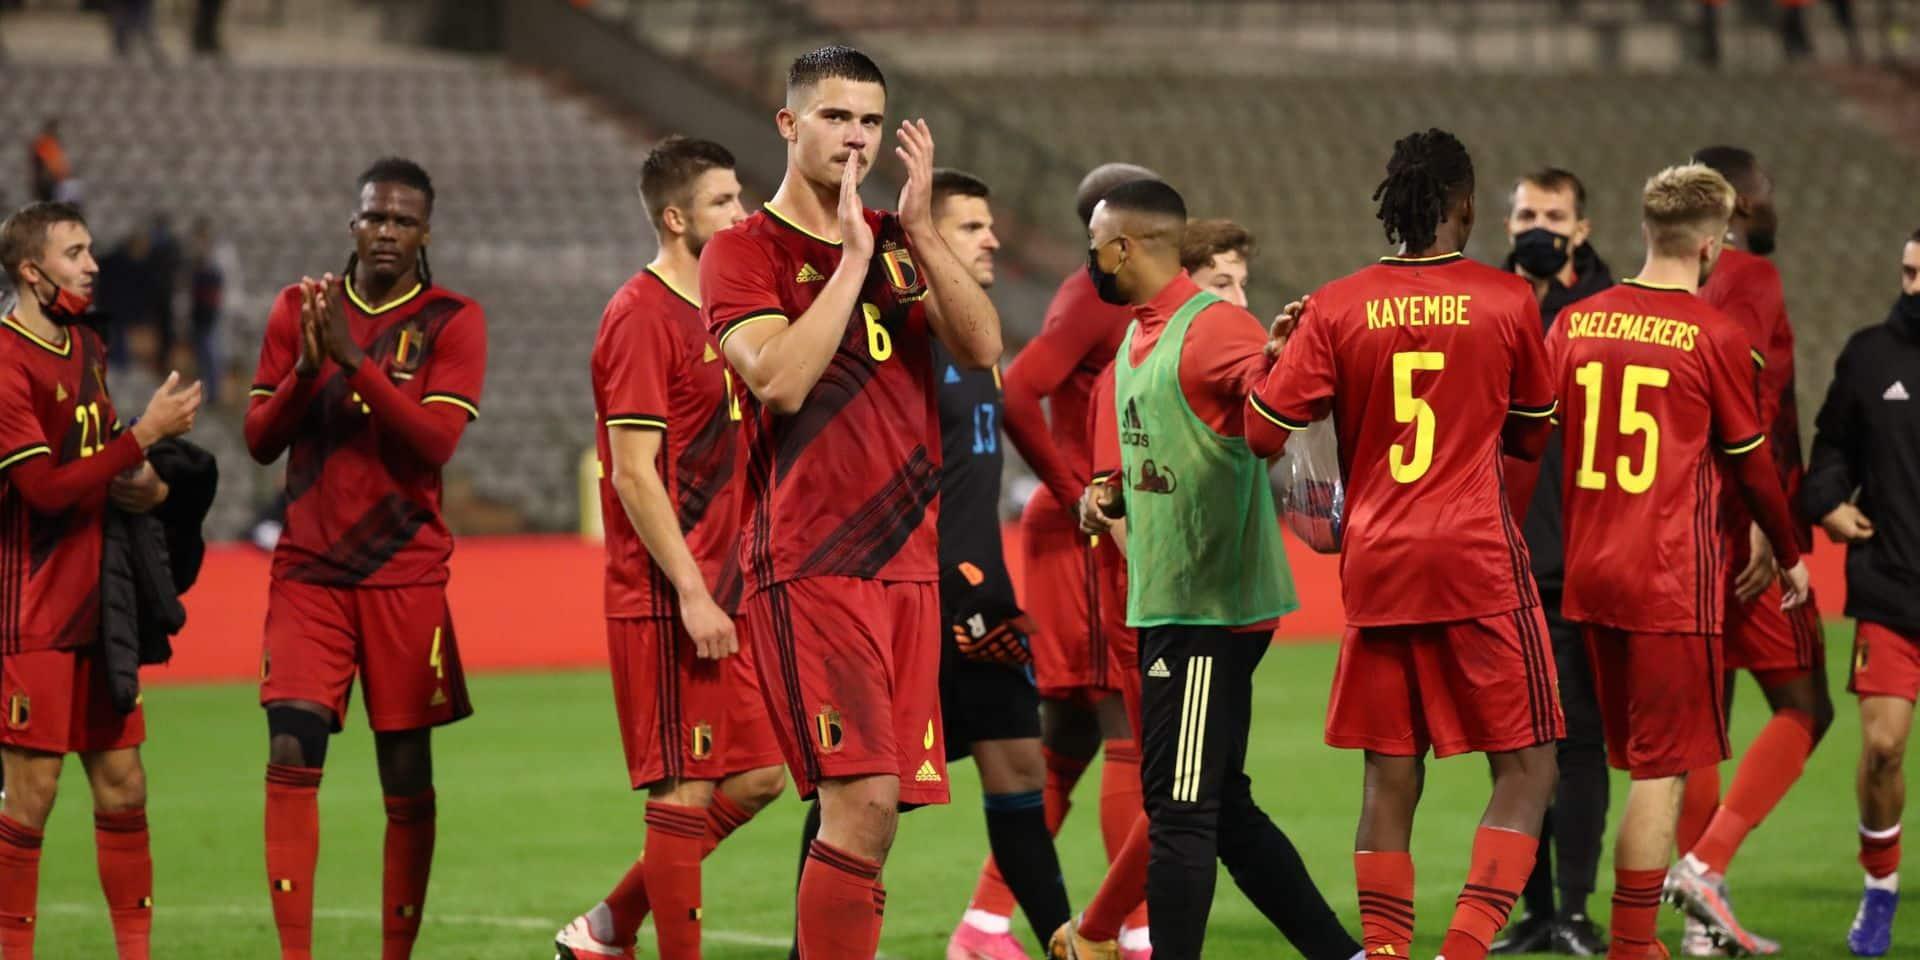 Officiel: les Diables rouges joueront leurs rencontres du mois de novembre à Louvain